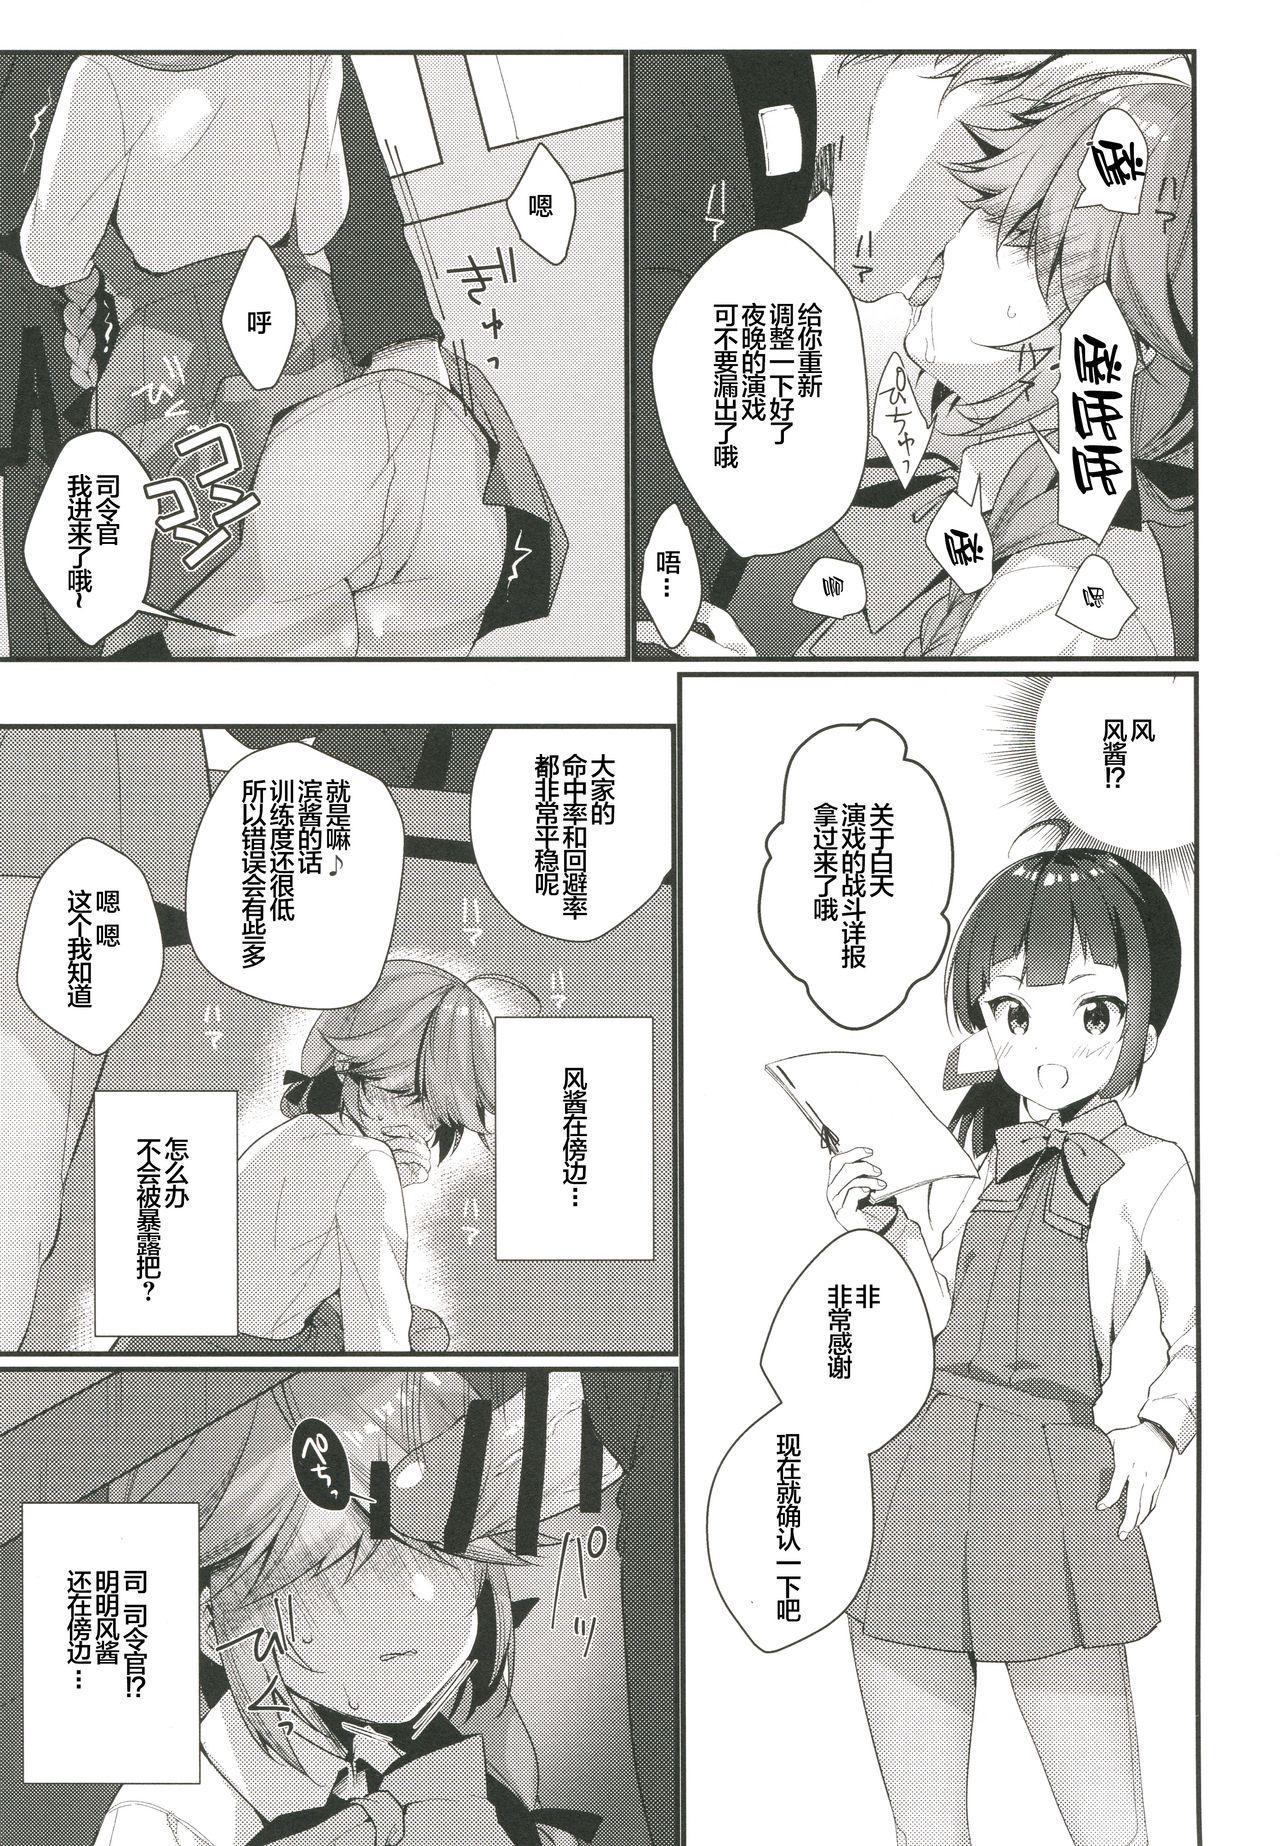 1-koma mo Me ga Denai Hamanami no Erohon 8